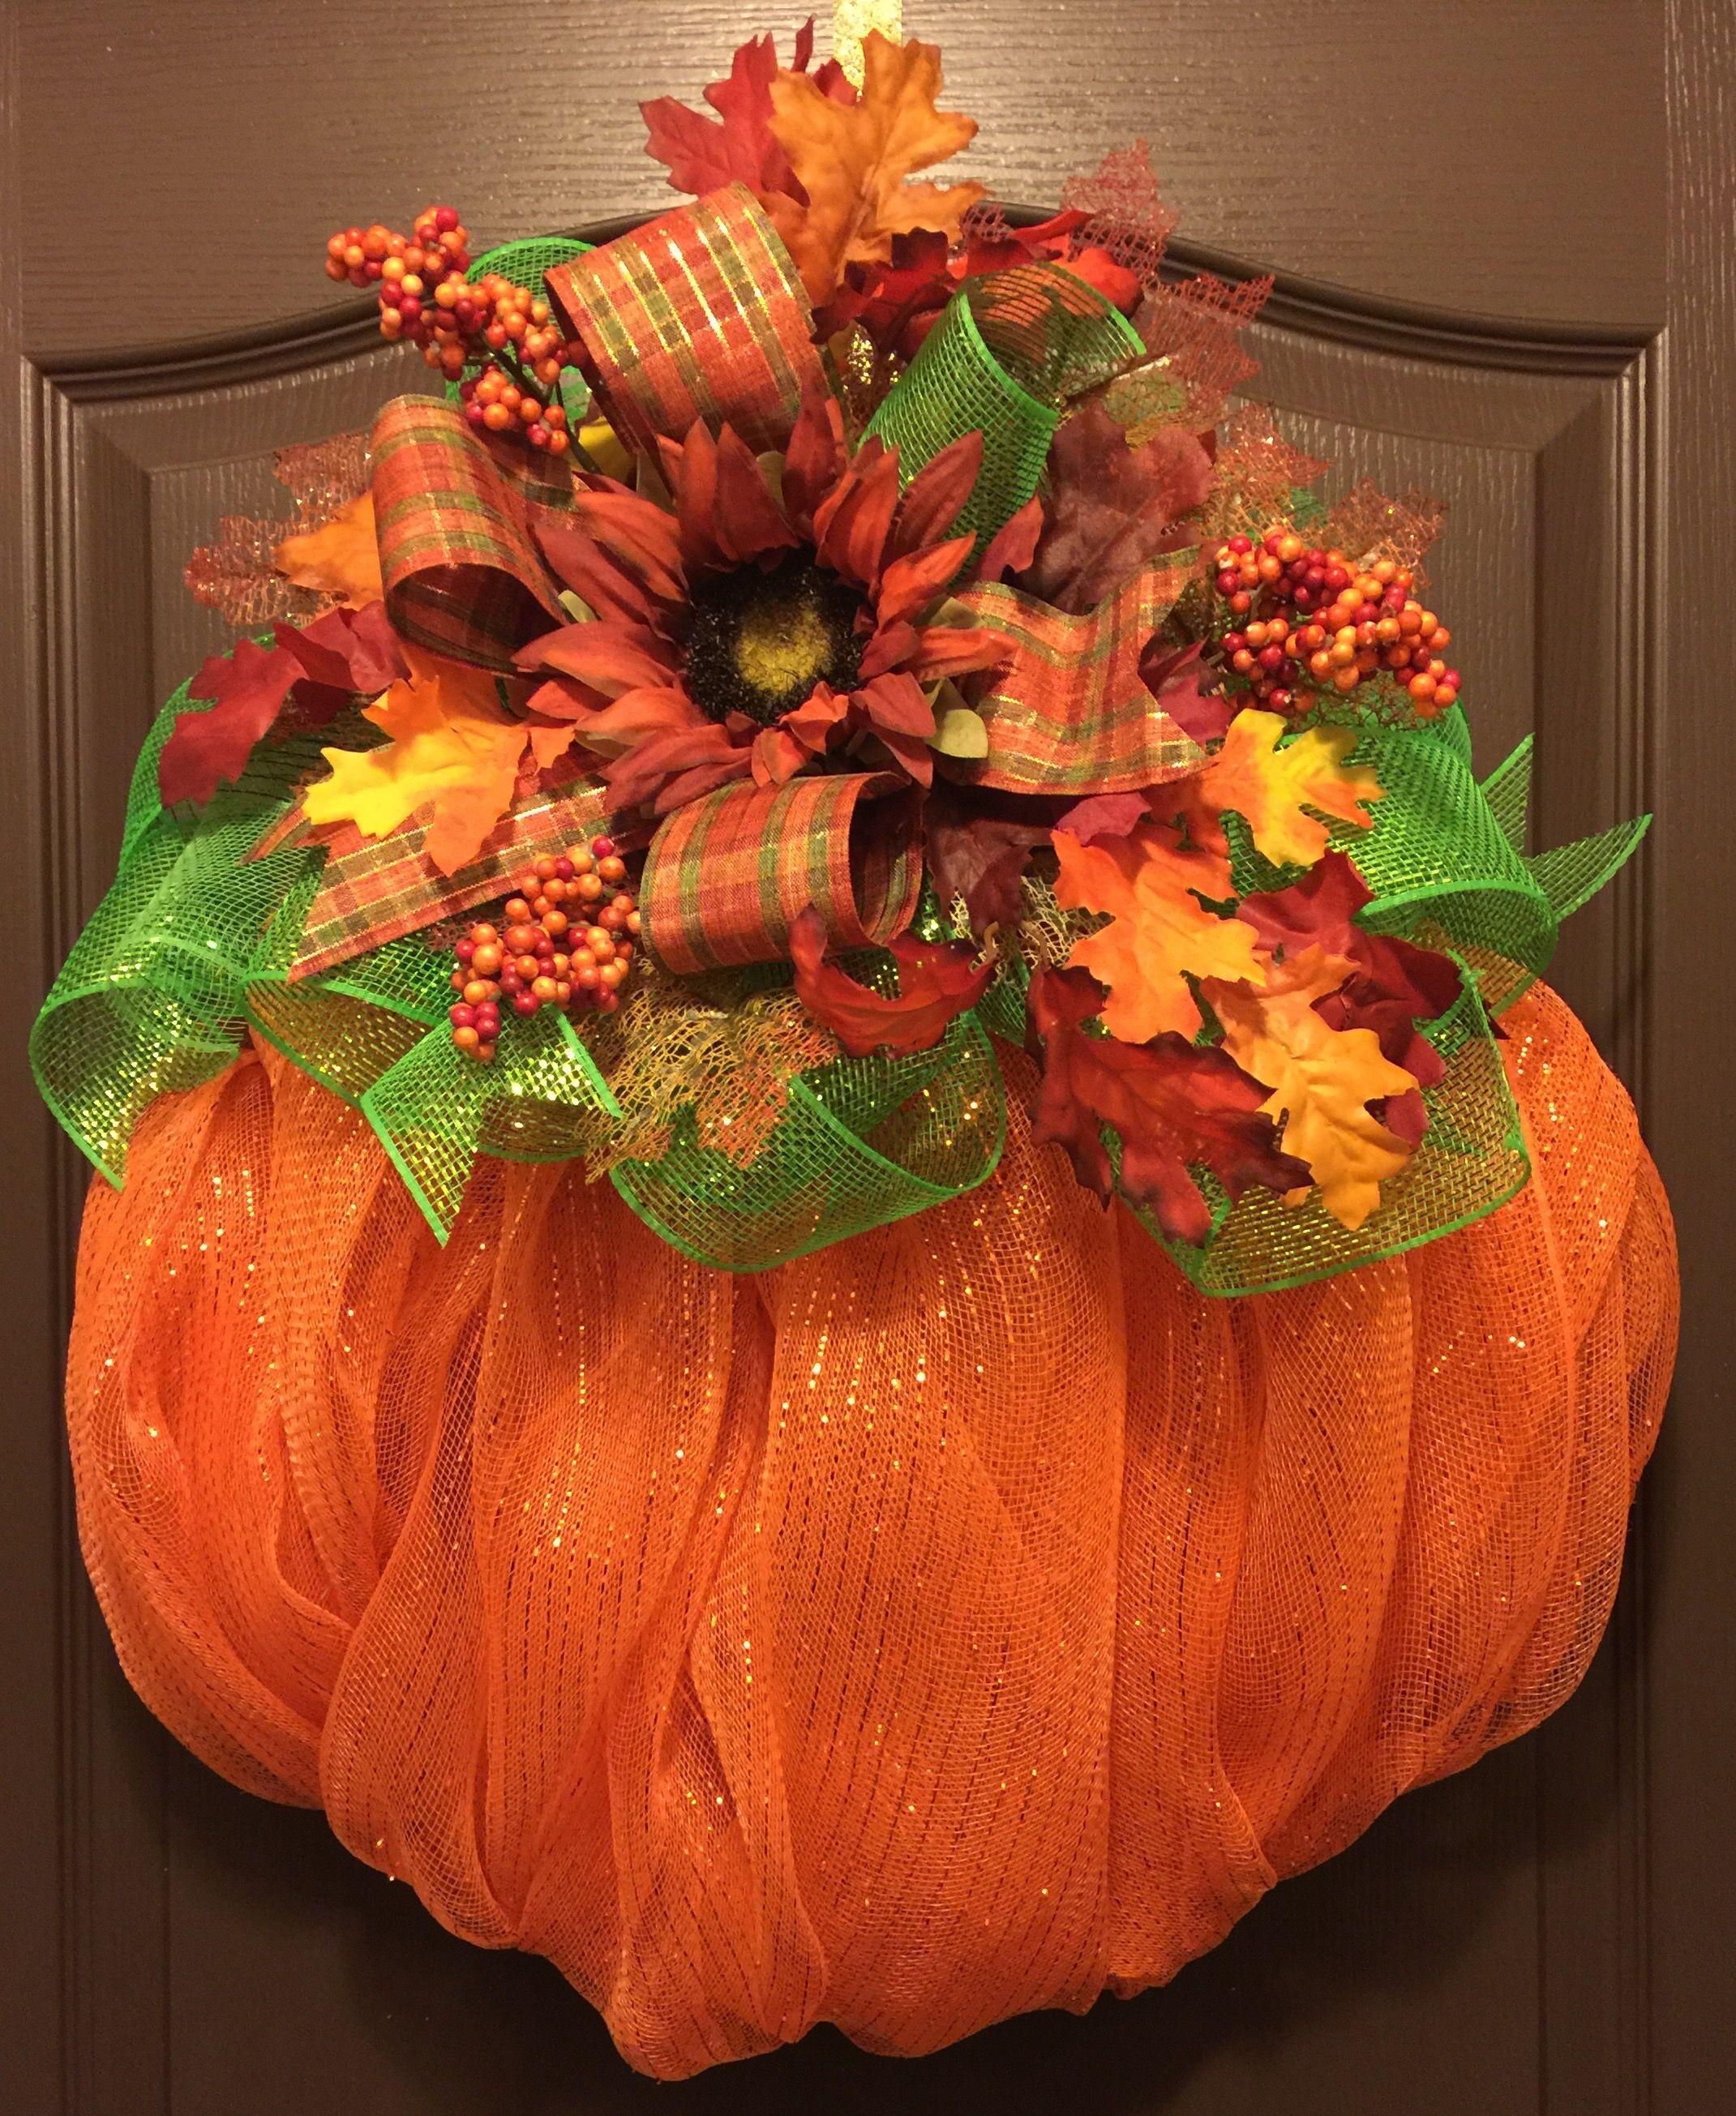 Fall Wreath Pumpkin Wreath Thanksgiving Wreaths Fall Wreath Wreaths